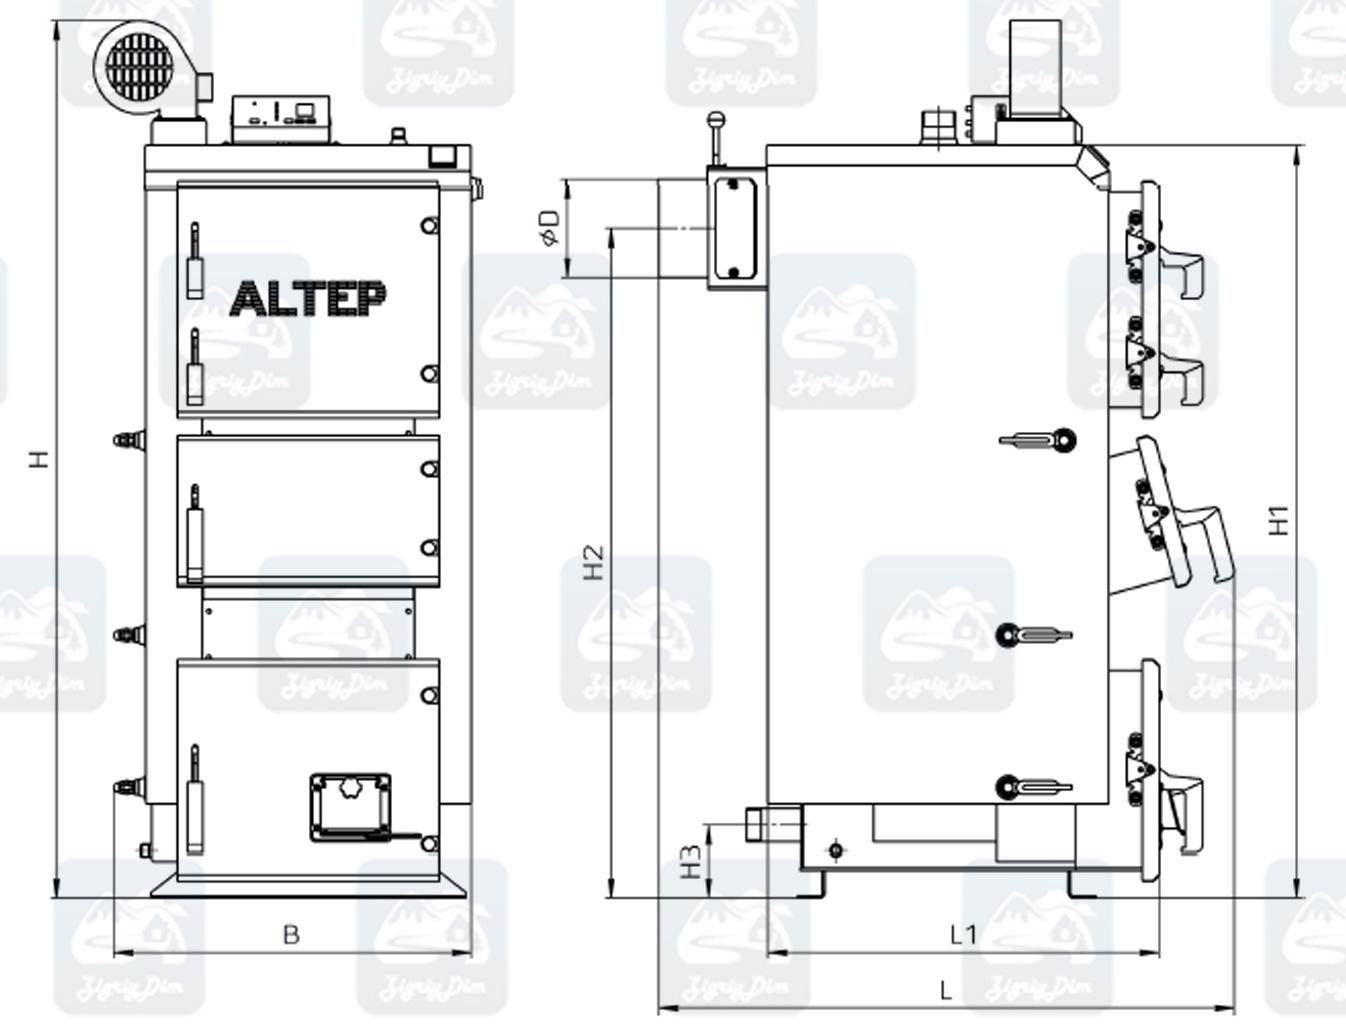 Габаритные размеры твердотопливного котла Altep KT-2E / Duo Plus (17-38 кВт)